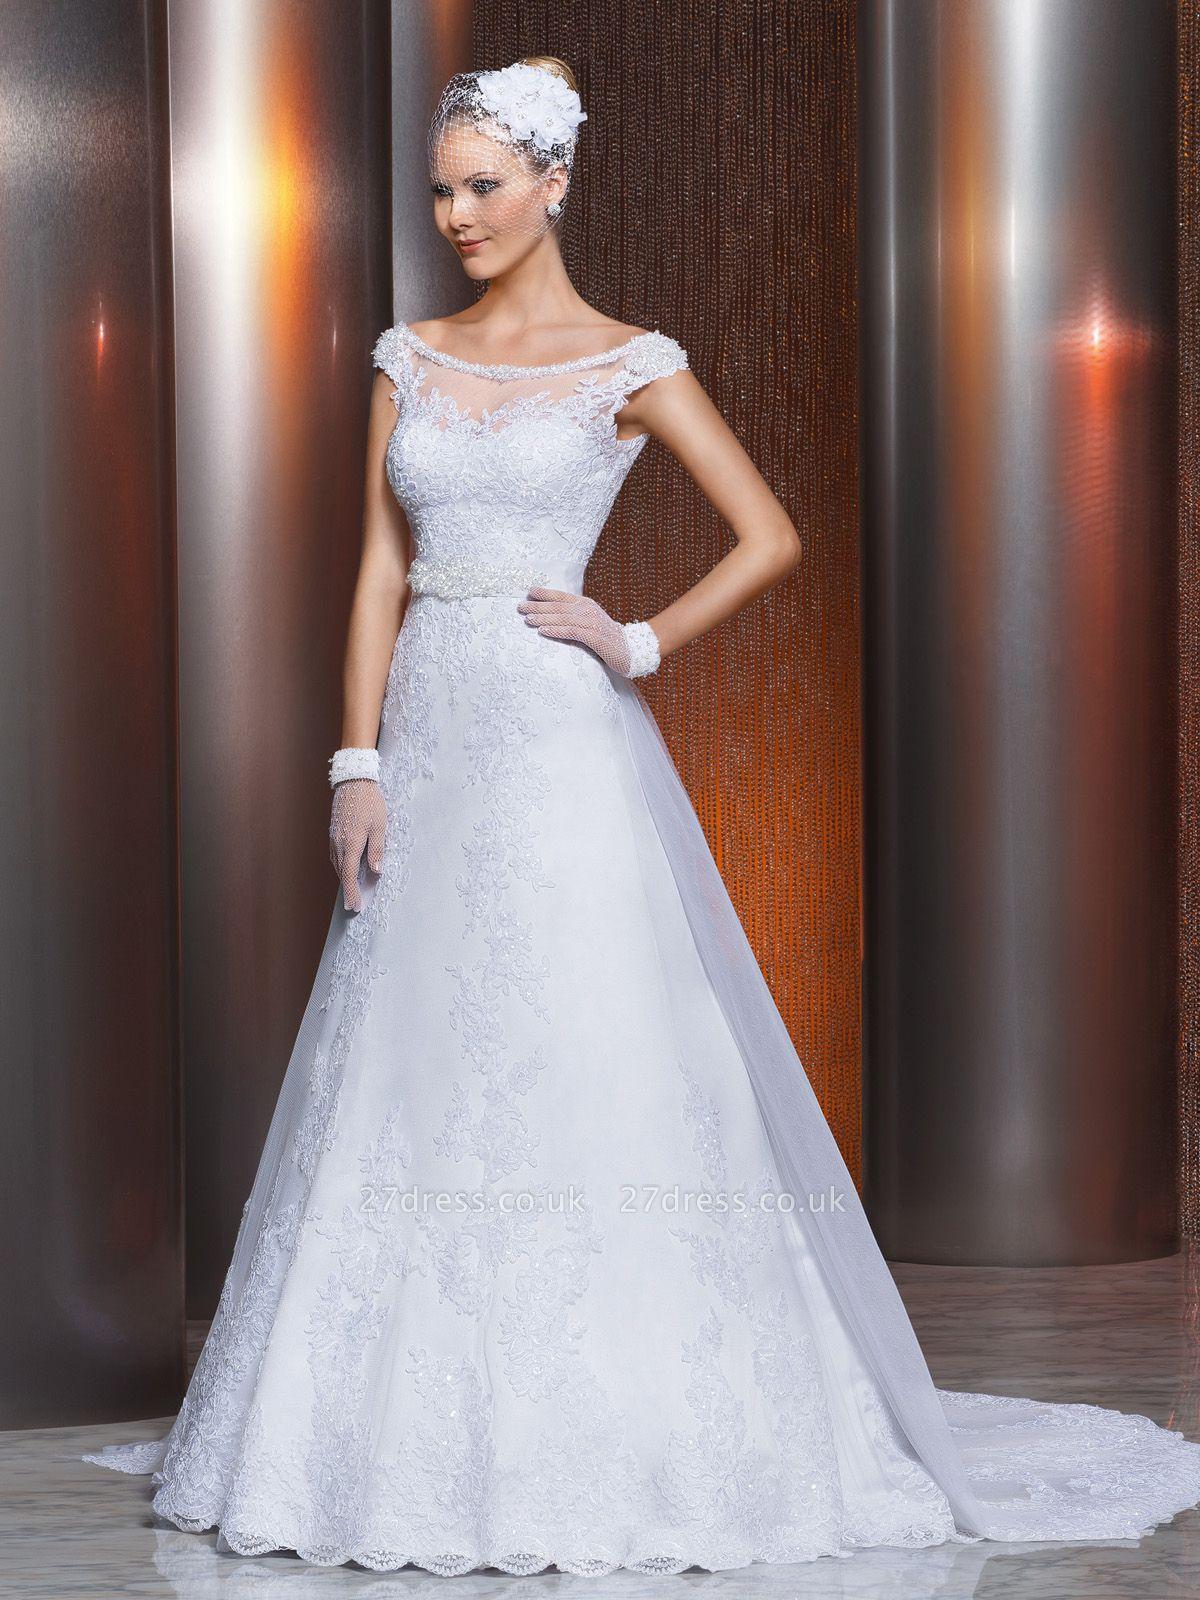 Gorgeous Scoop Neckline Lace Appliques A-Line Wedding Dress With Train